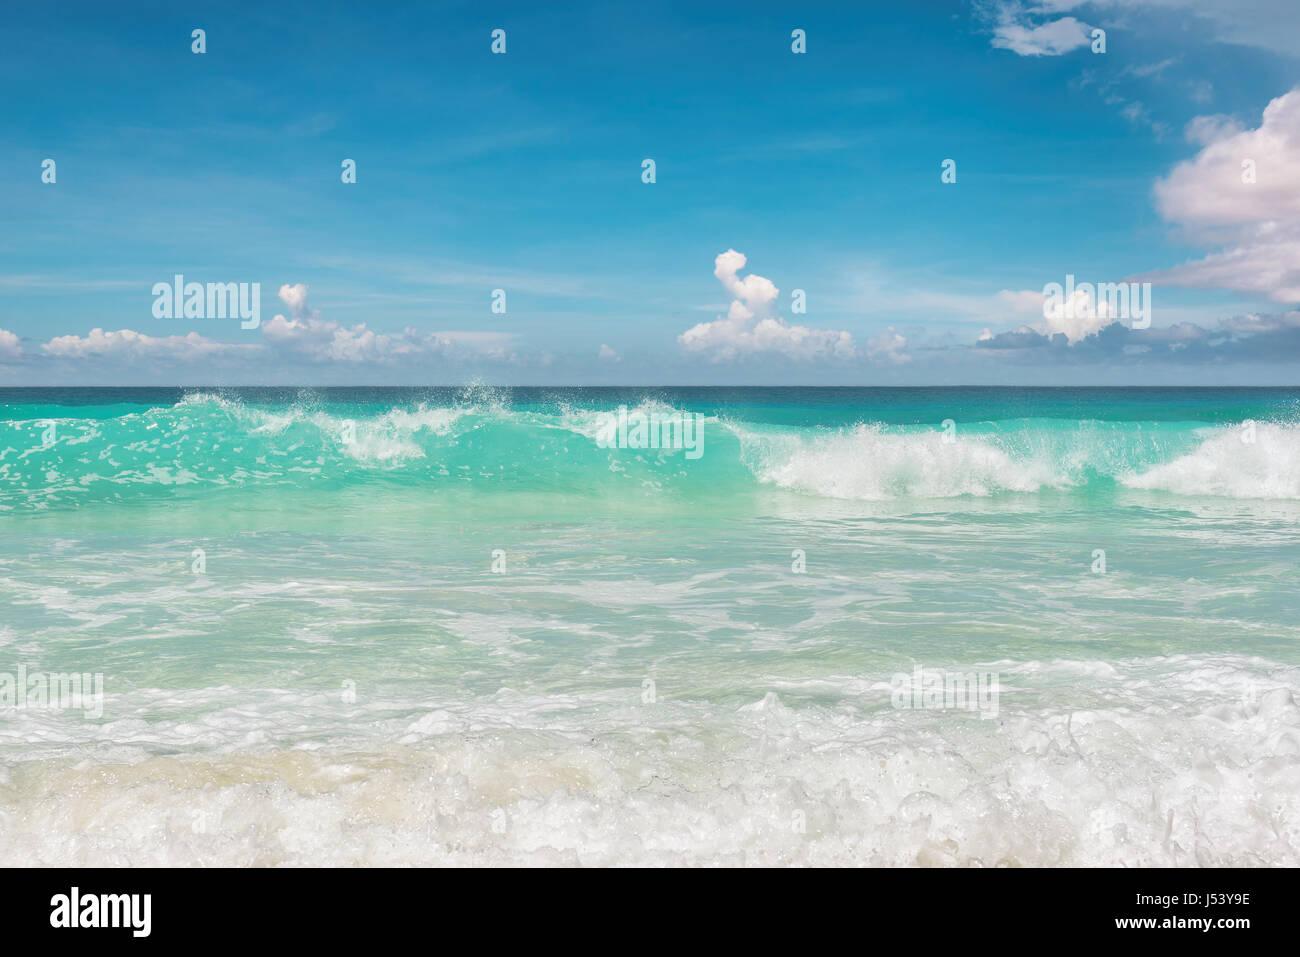 Impresionante océano azul en Miami Beach. South Beach de Miami, Florida. Imagen De Stock